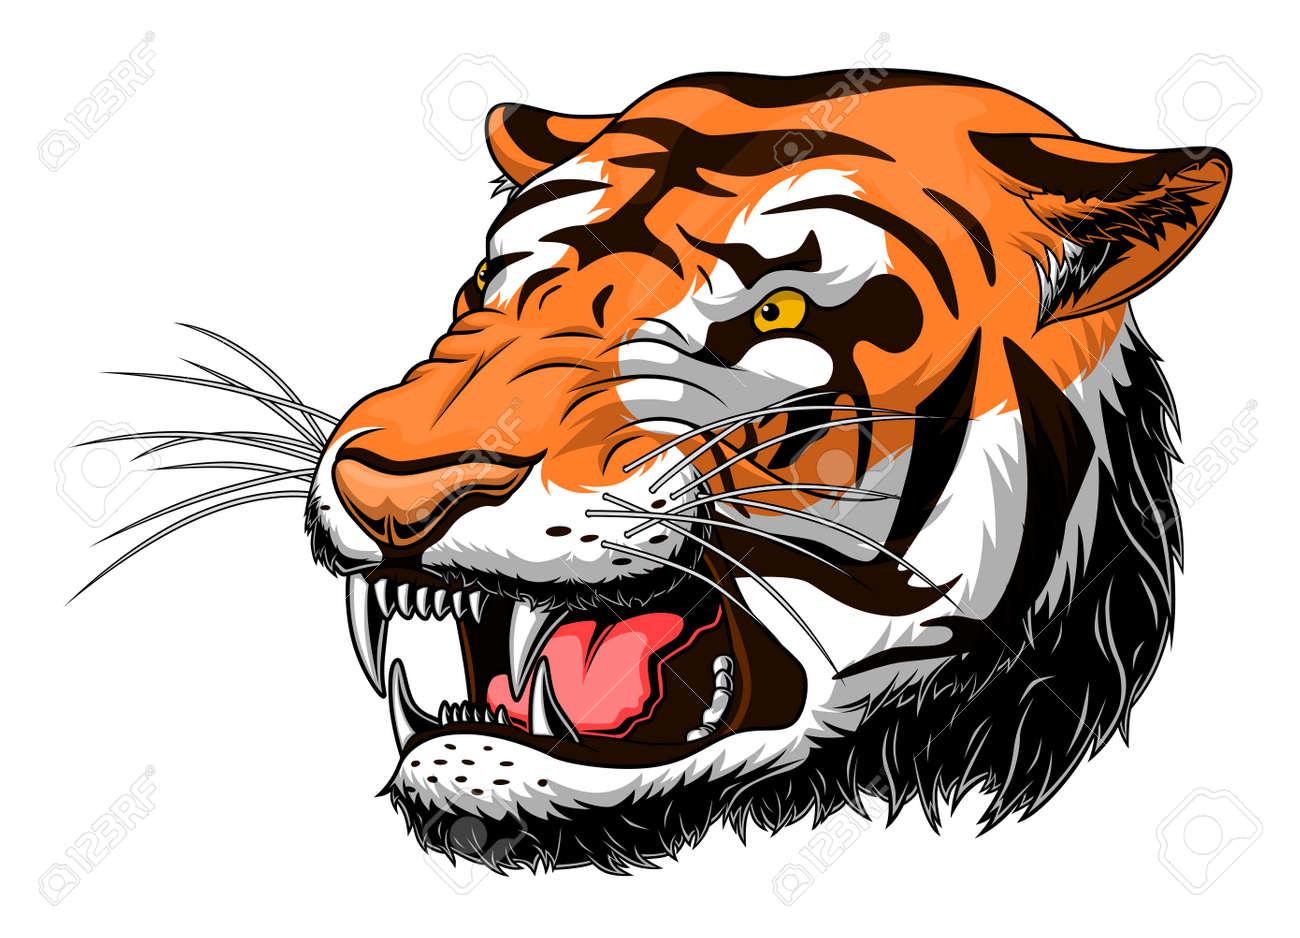 Stylized roaring tiger head - 121100482